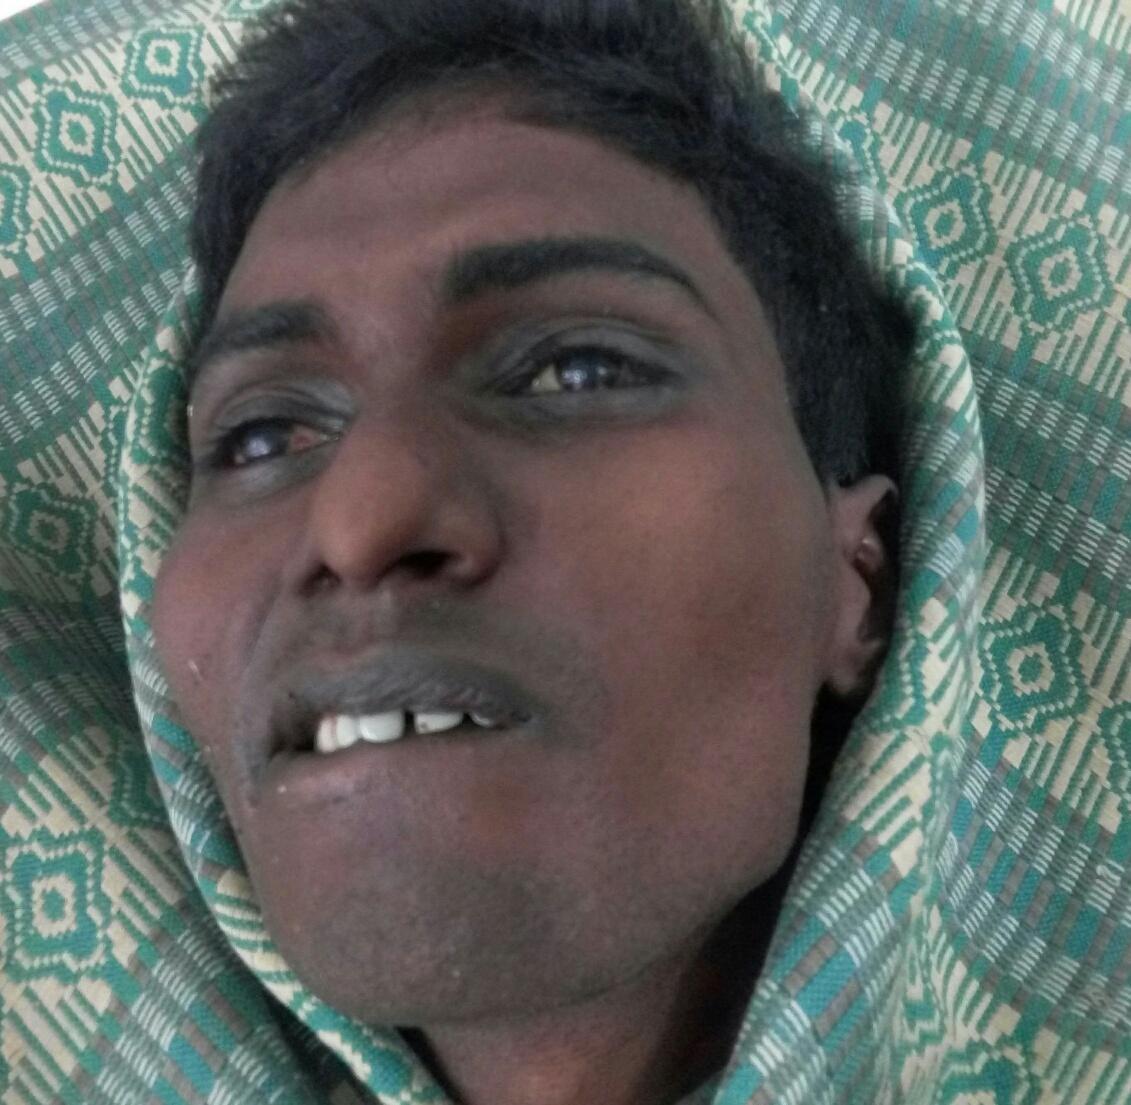 தற்கொலை செய்துகொண்ட    புழல்சிறைக் கைதி அந்தோணிராஜ்